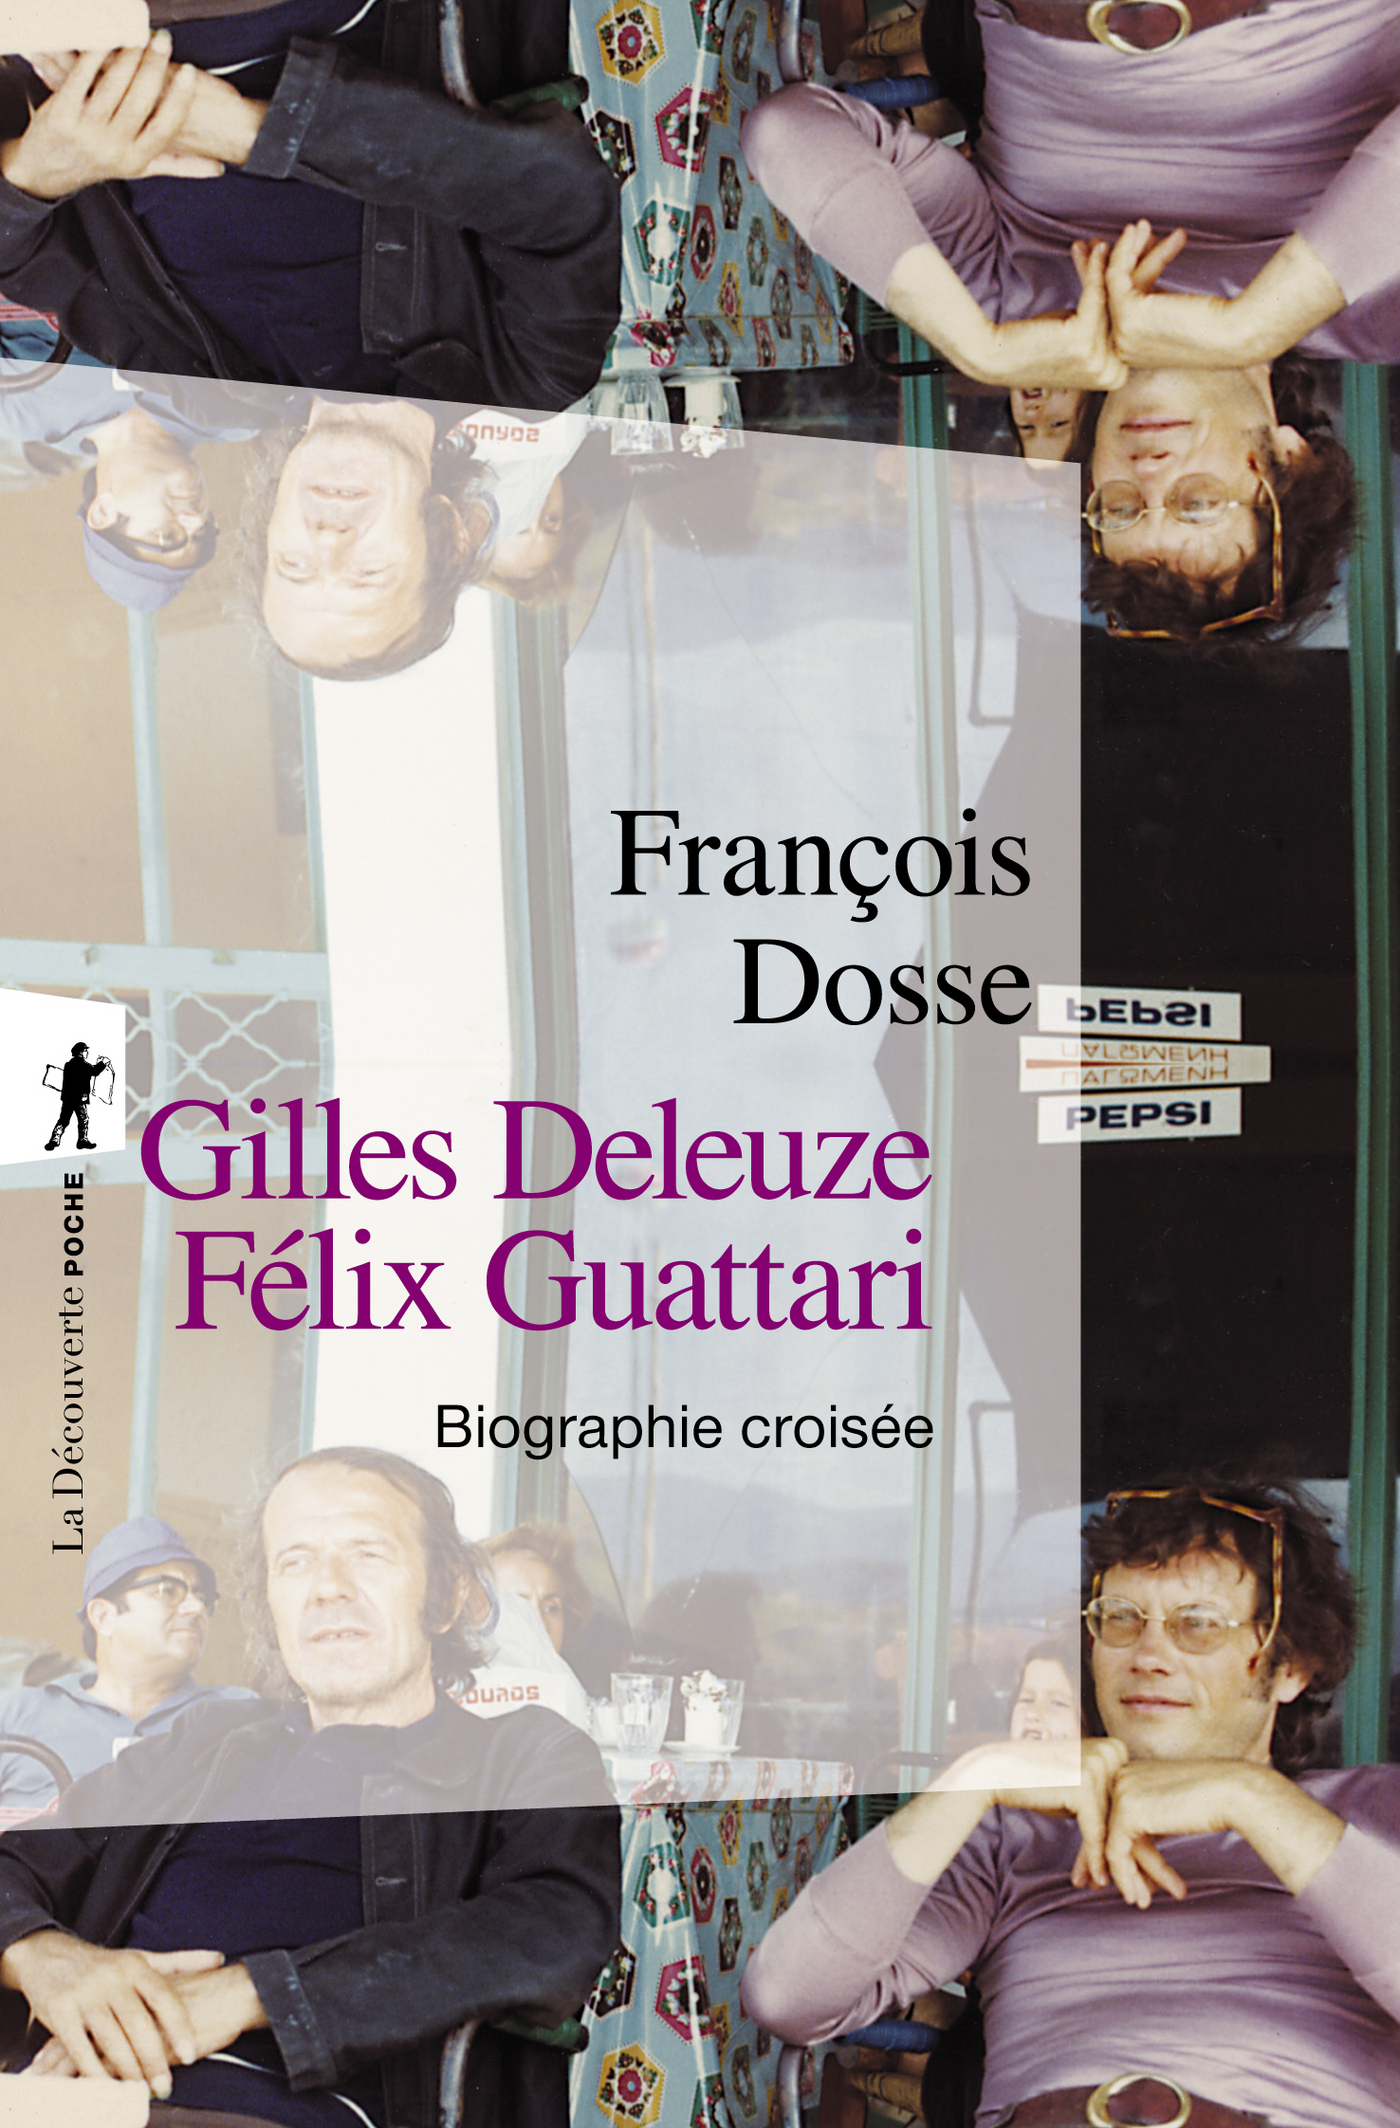 Gilles Deleuze, Félix Guattari (ebook)